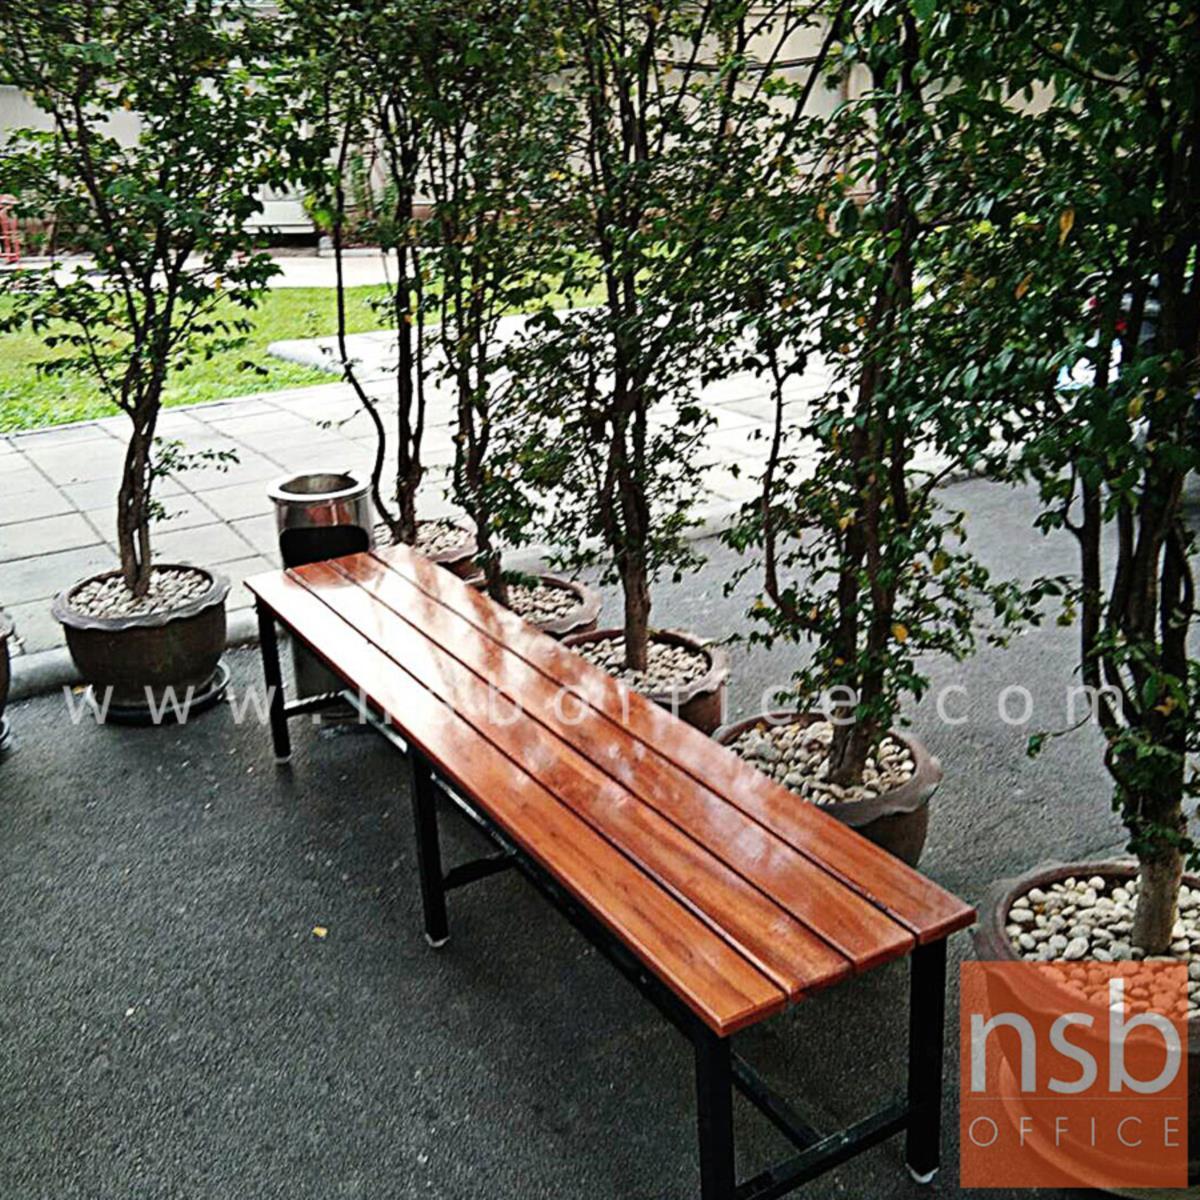 G08A223:ม้านั่งโรงอาหาร ไม้ยางพาราทำสีสัก ตีระแนง 4 เส้น  (ลึก 40D cm) ขาเหล็กพ่นสีดำ